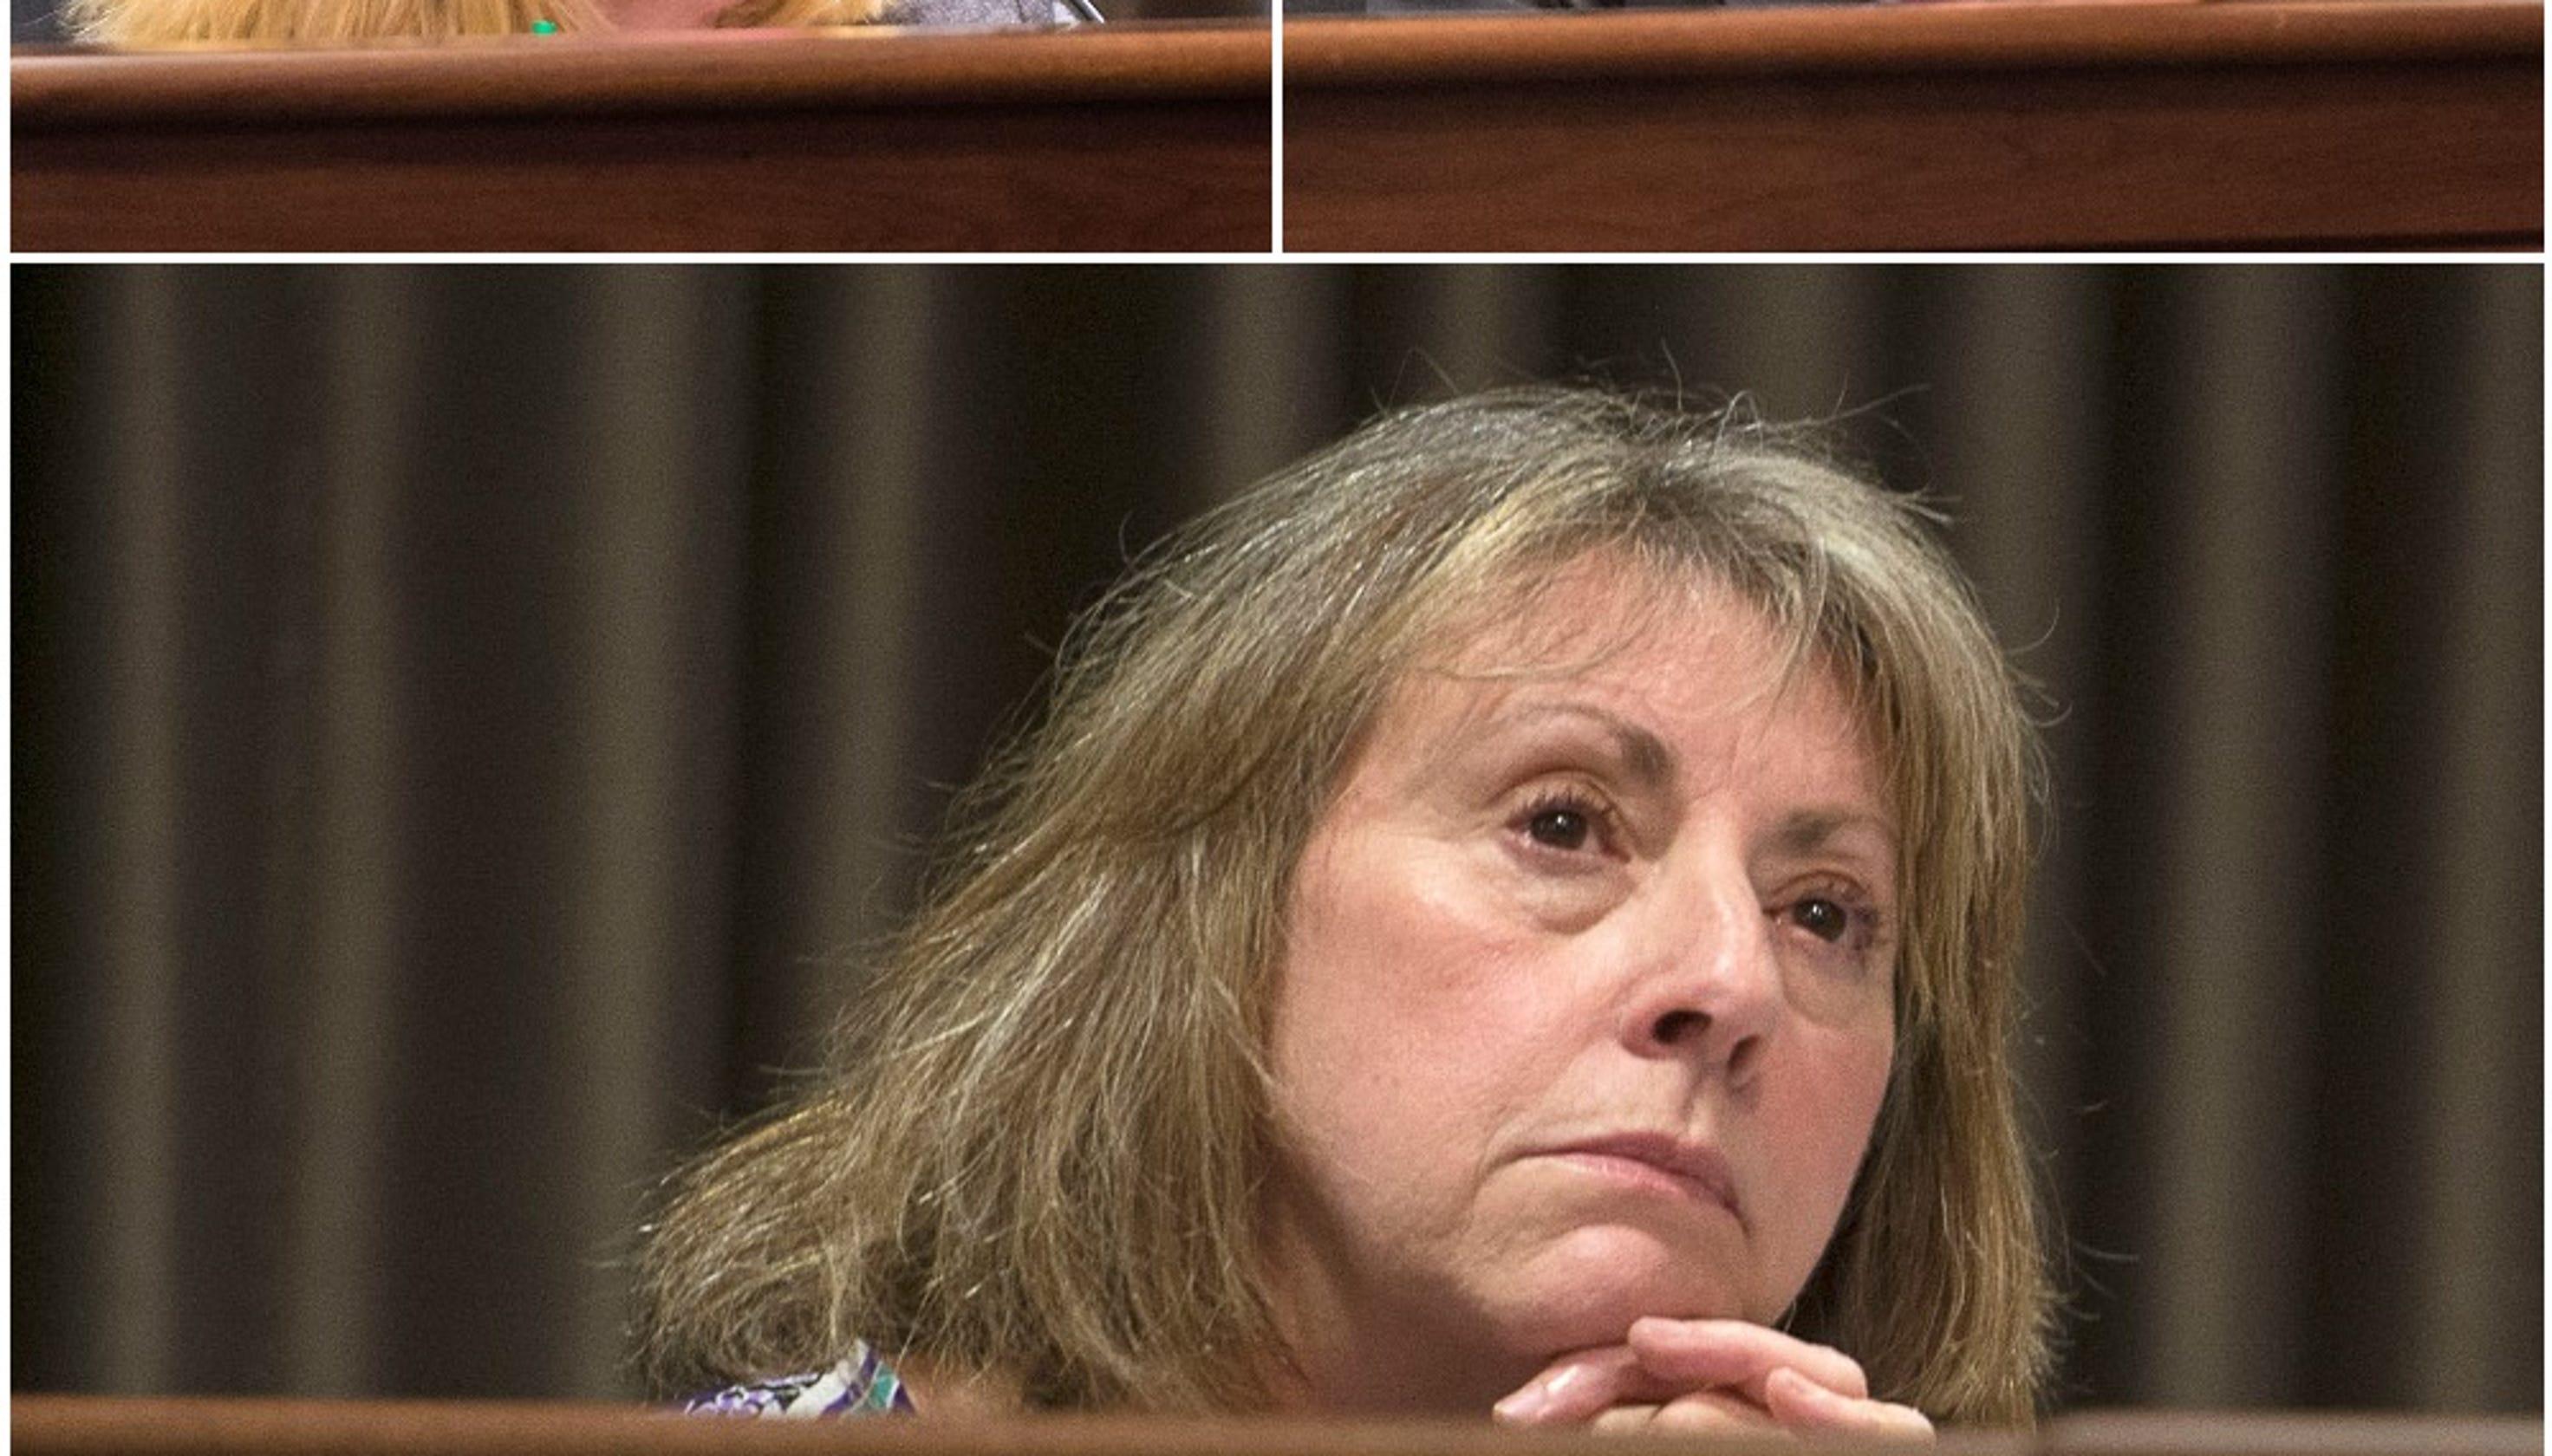 Ex-Buncombe staffers Wanda Greene, Mandy Stone, Jon Creighton indicted